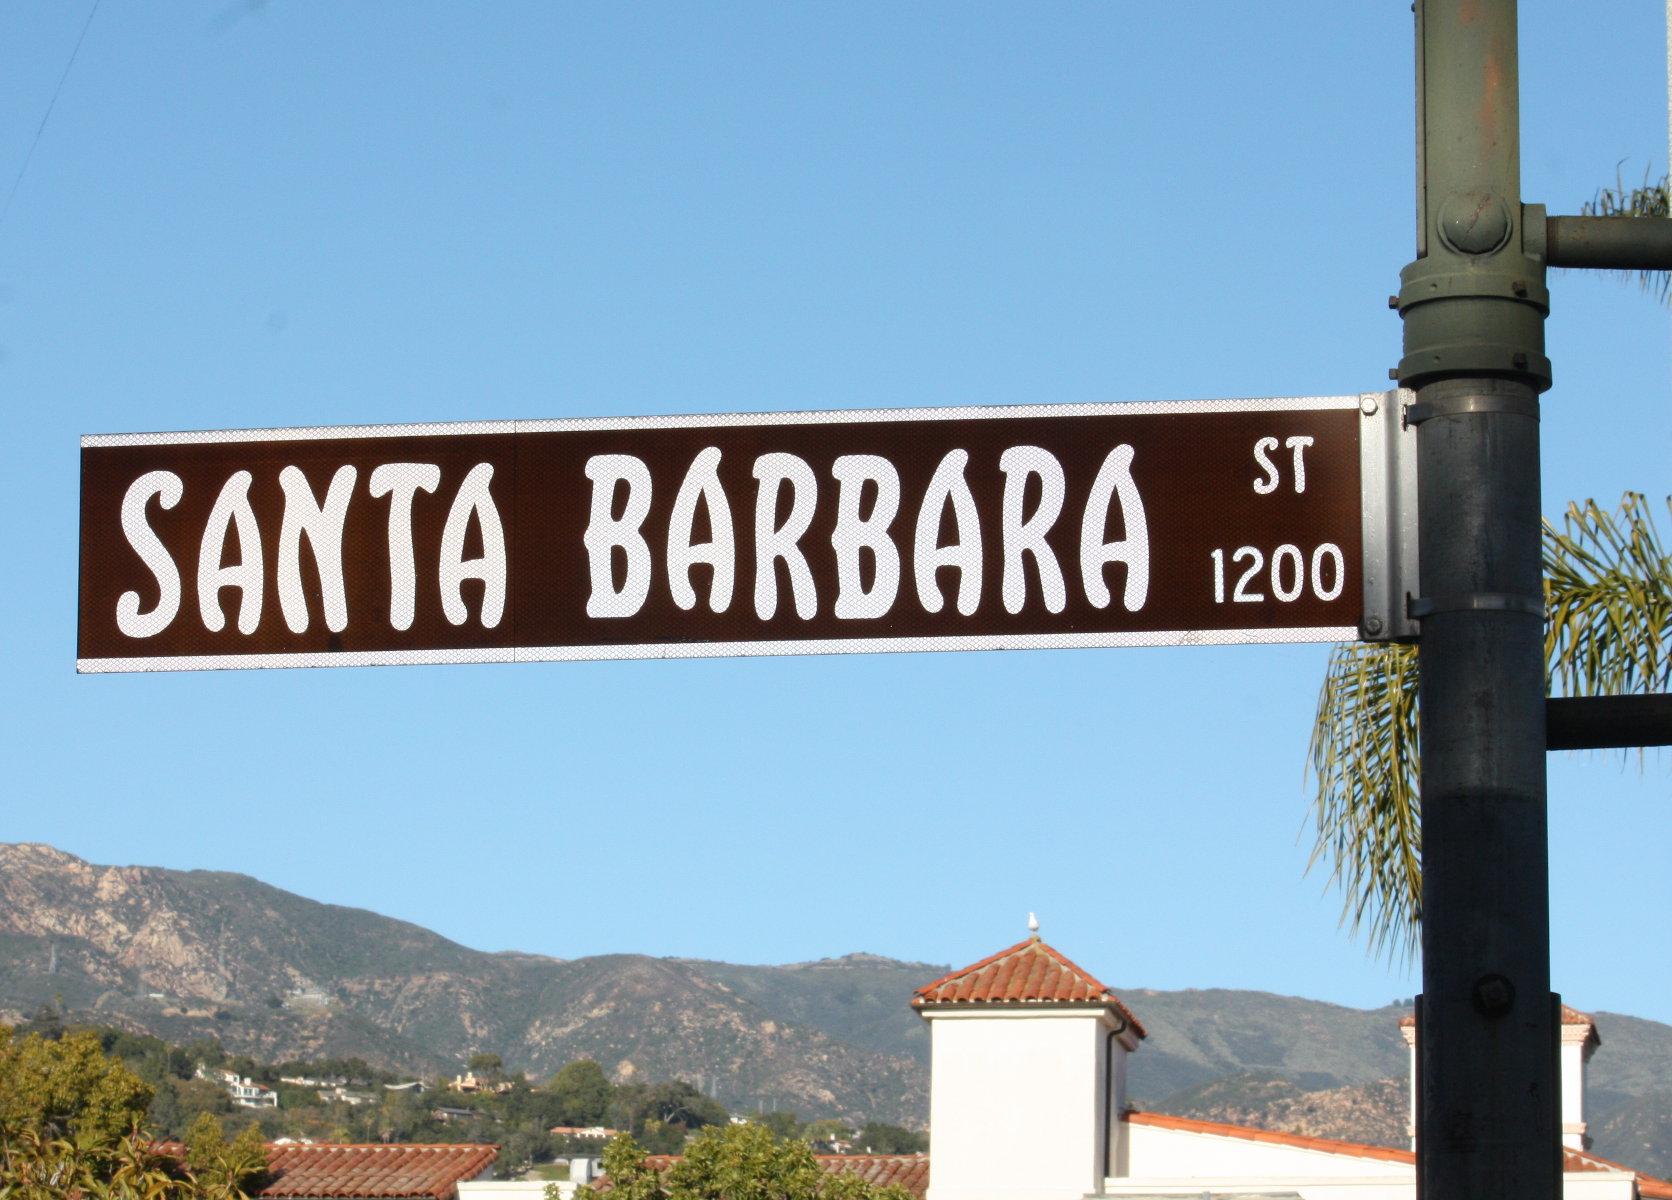 Santa Barbara Streets | George's Meanderings